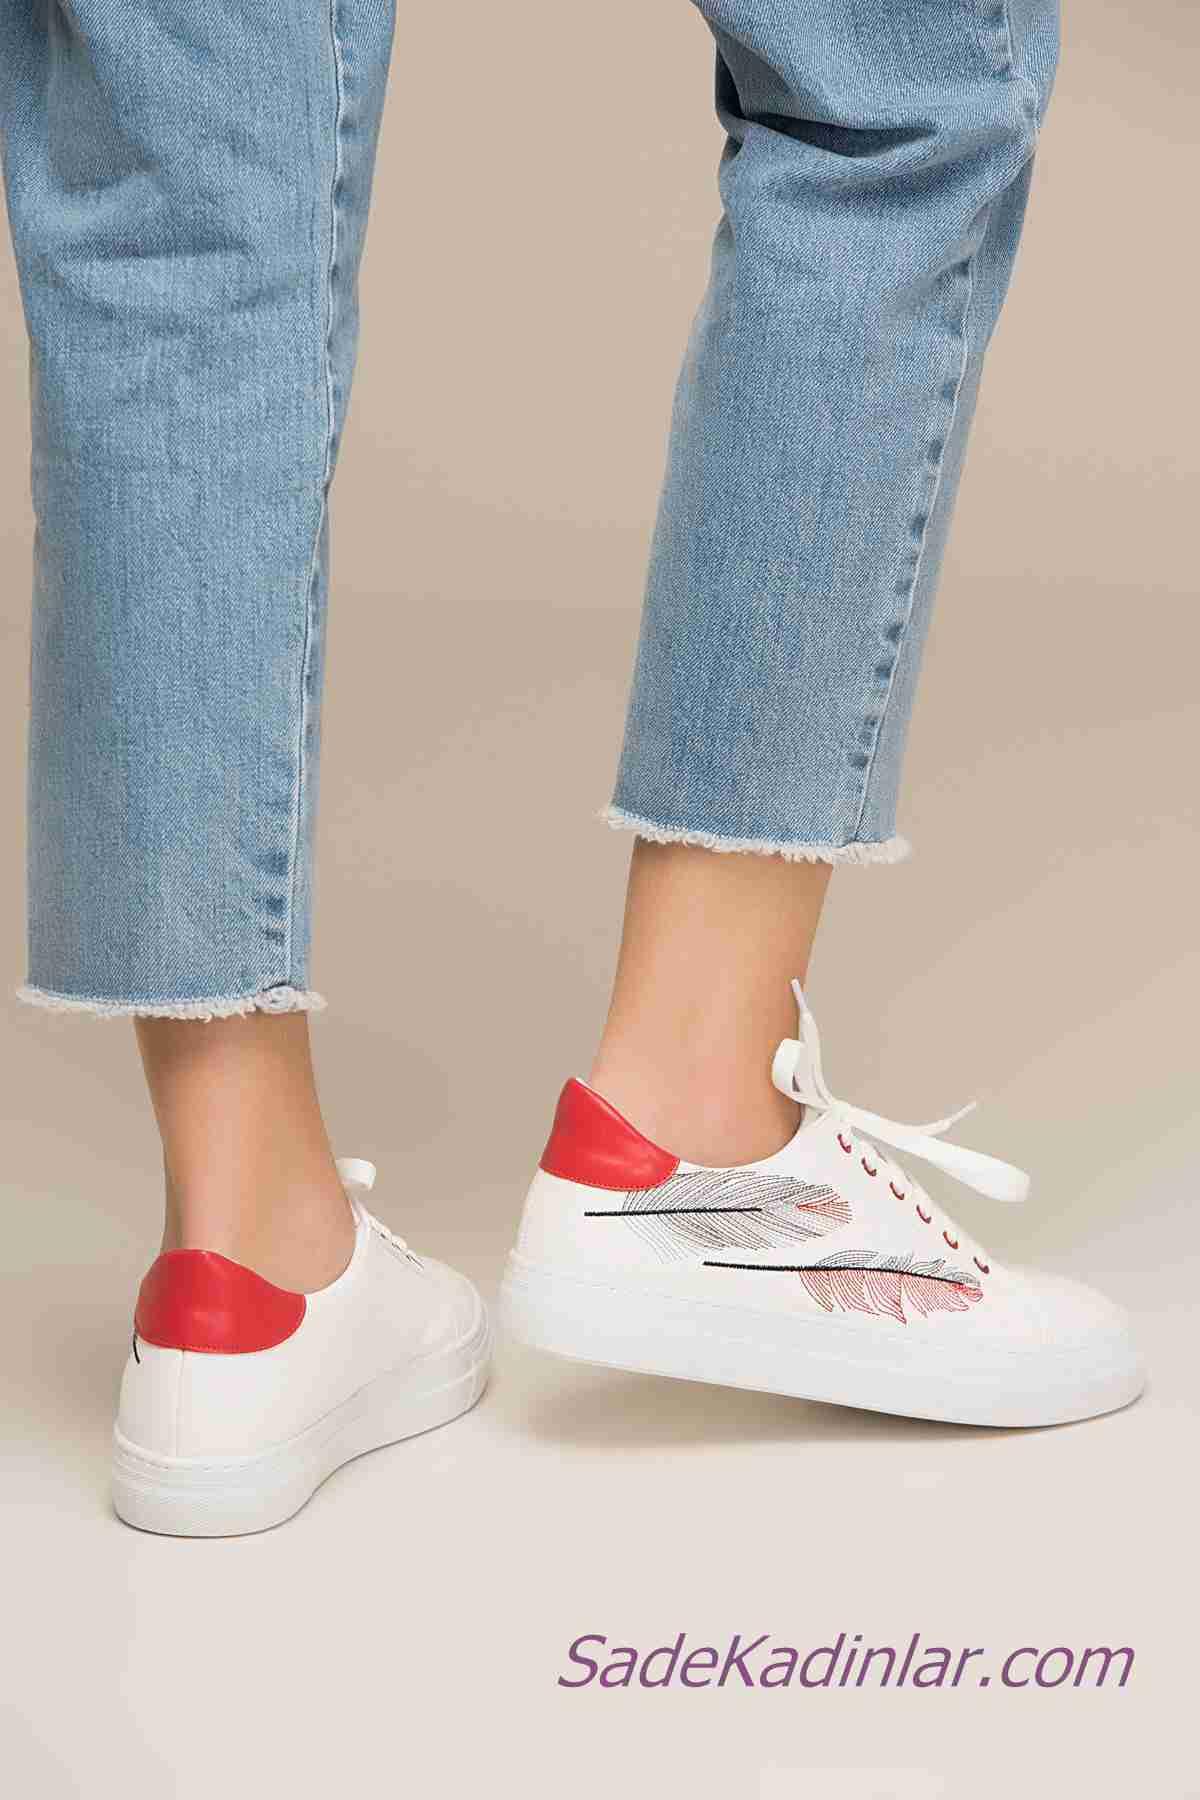 Sneakers Bayan Spor Ayakkabı Modelleri Beyaz Yaprak Figürü İşlemeli Bağcıklı